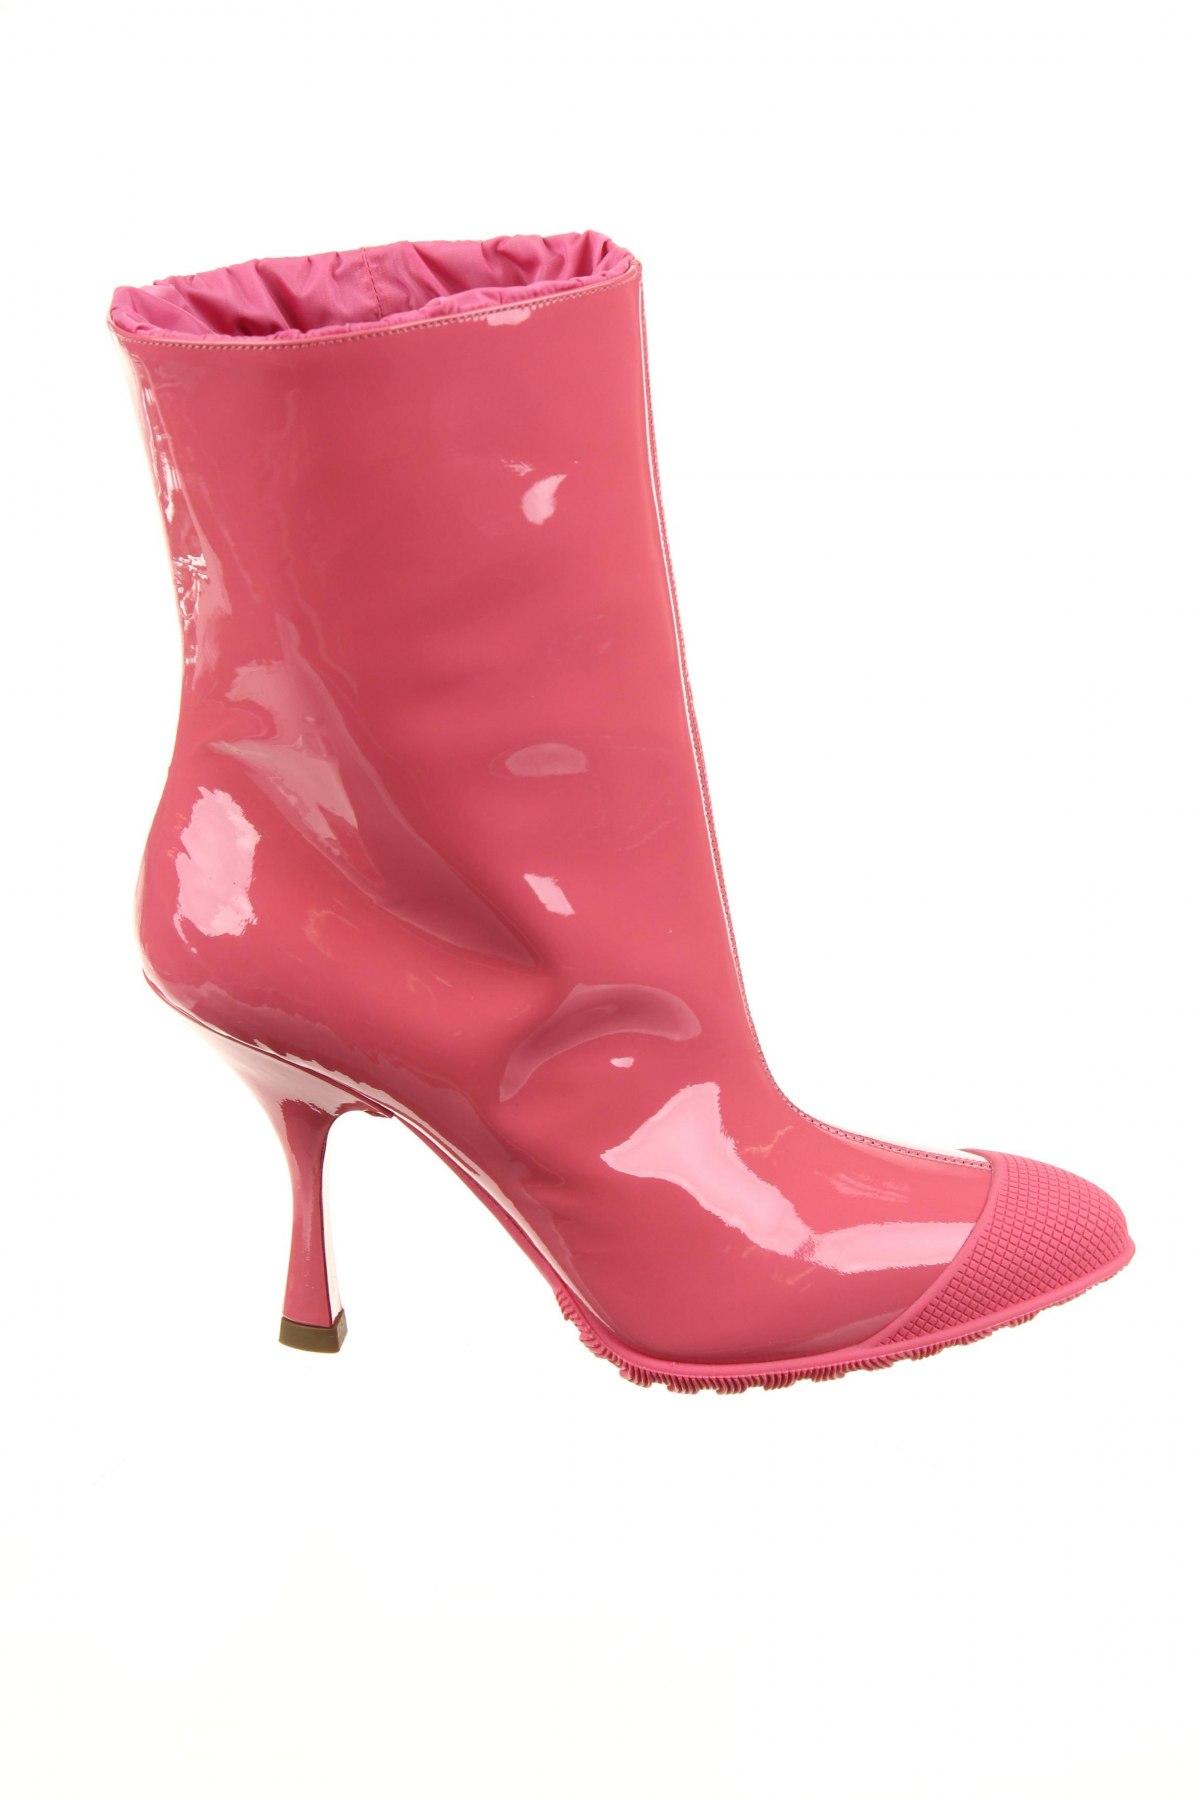 715d72efb5 Dámske topánky Miu Miu - za výhodnú cenu na Remix -  103769964